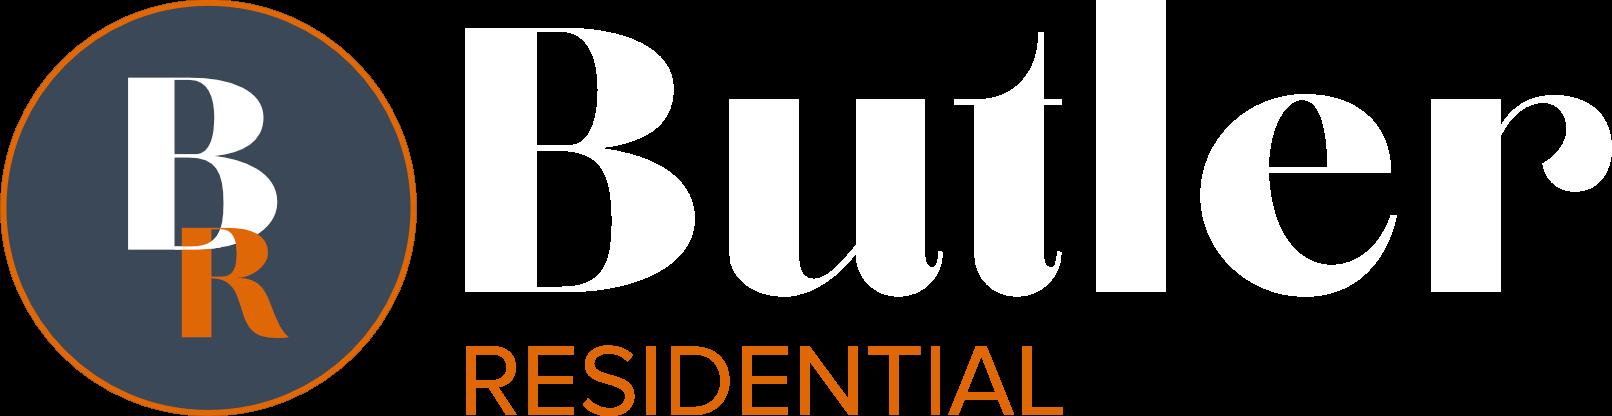 Butler Residential